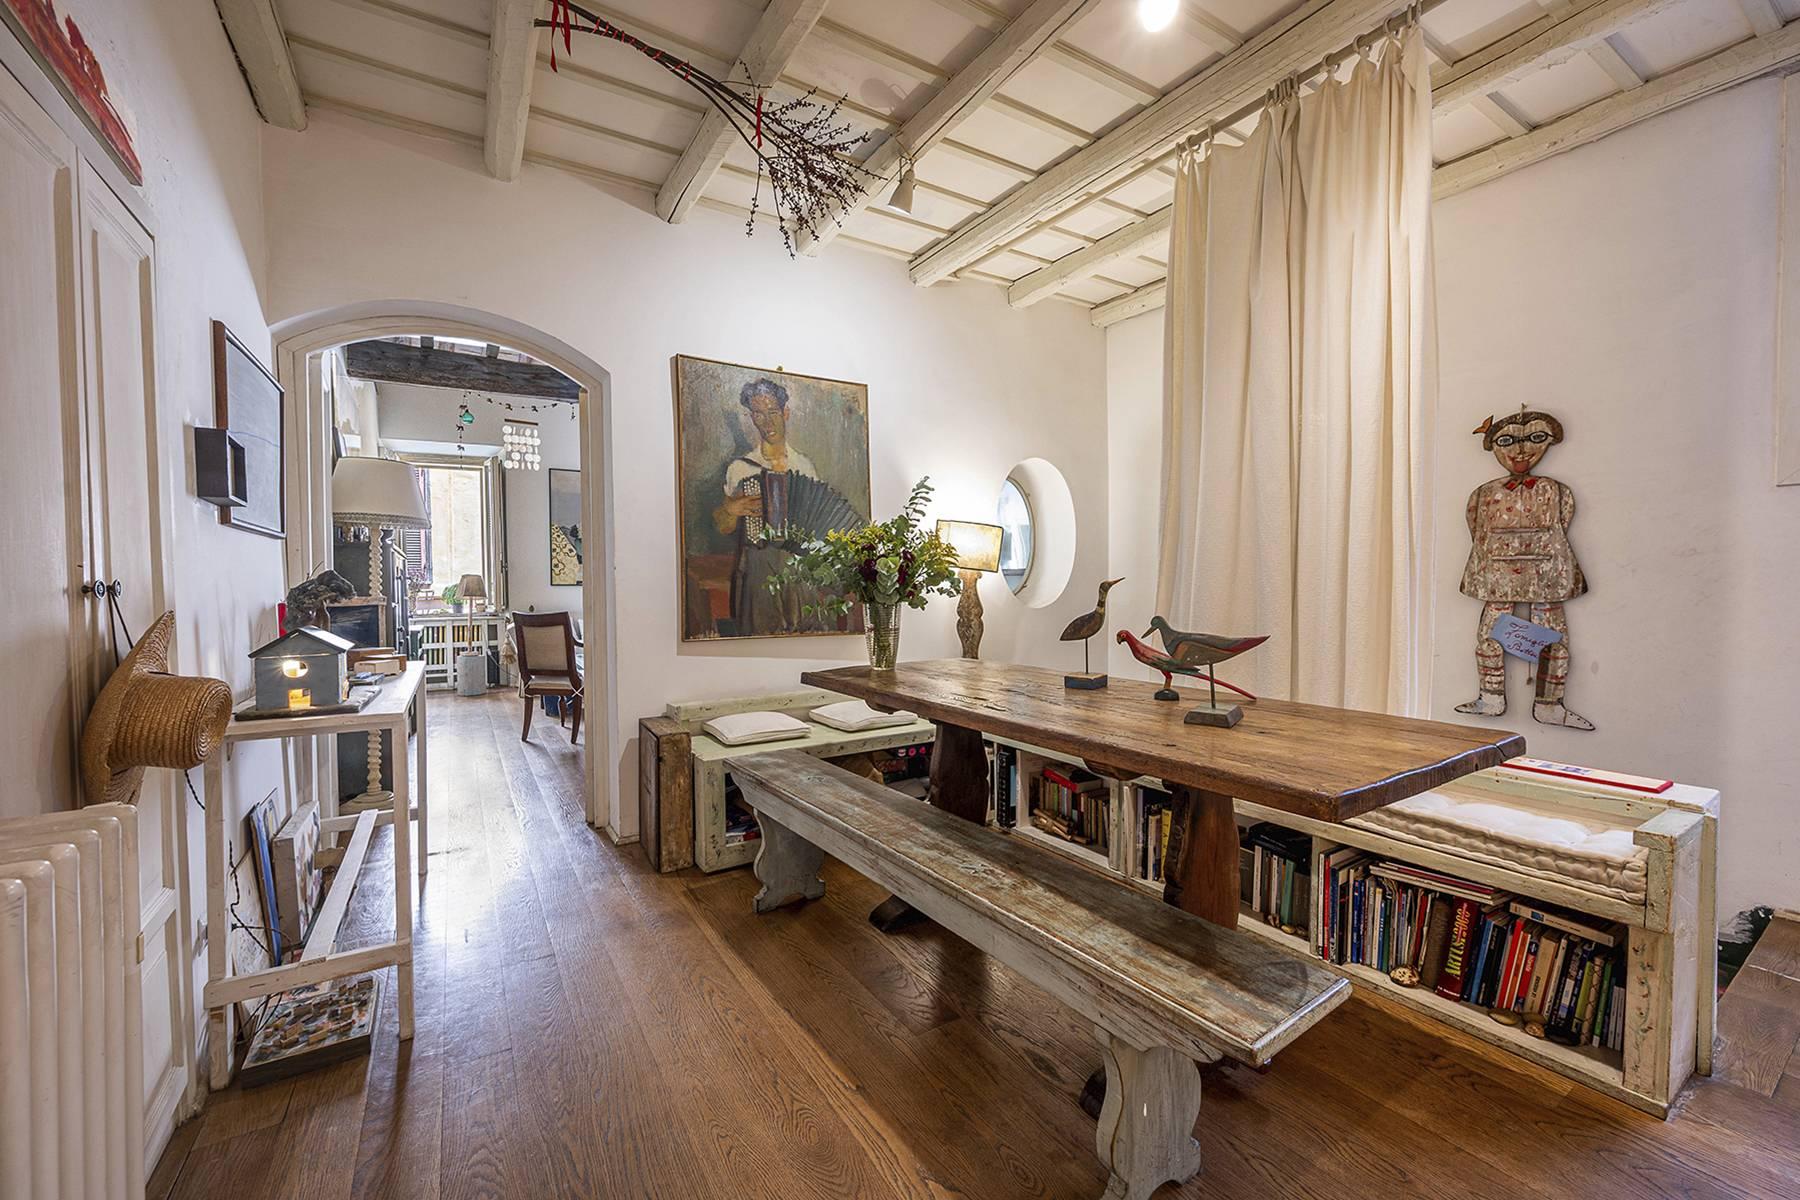 Casa indipendente in Vendita a Roma: 5 locali, 200 mq - Foto 10